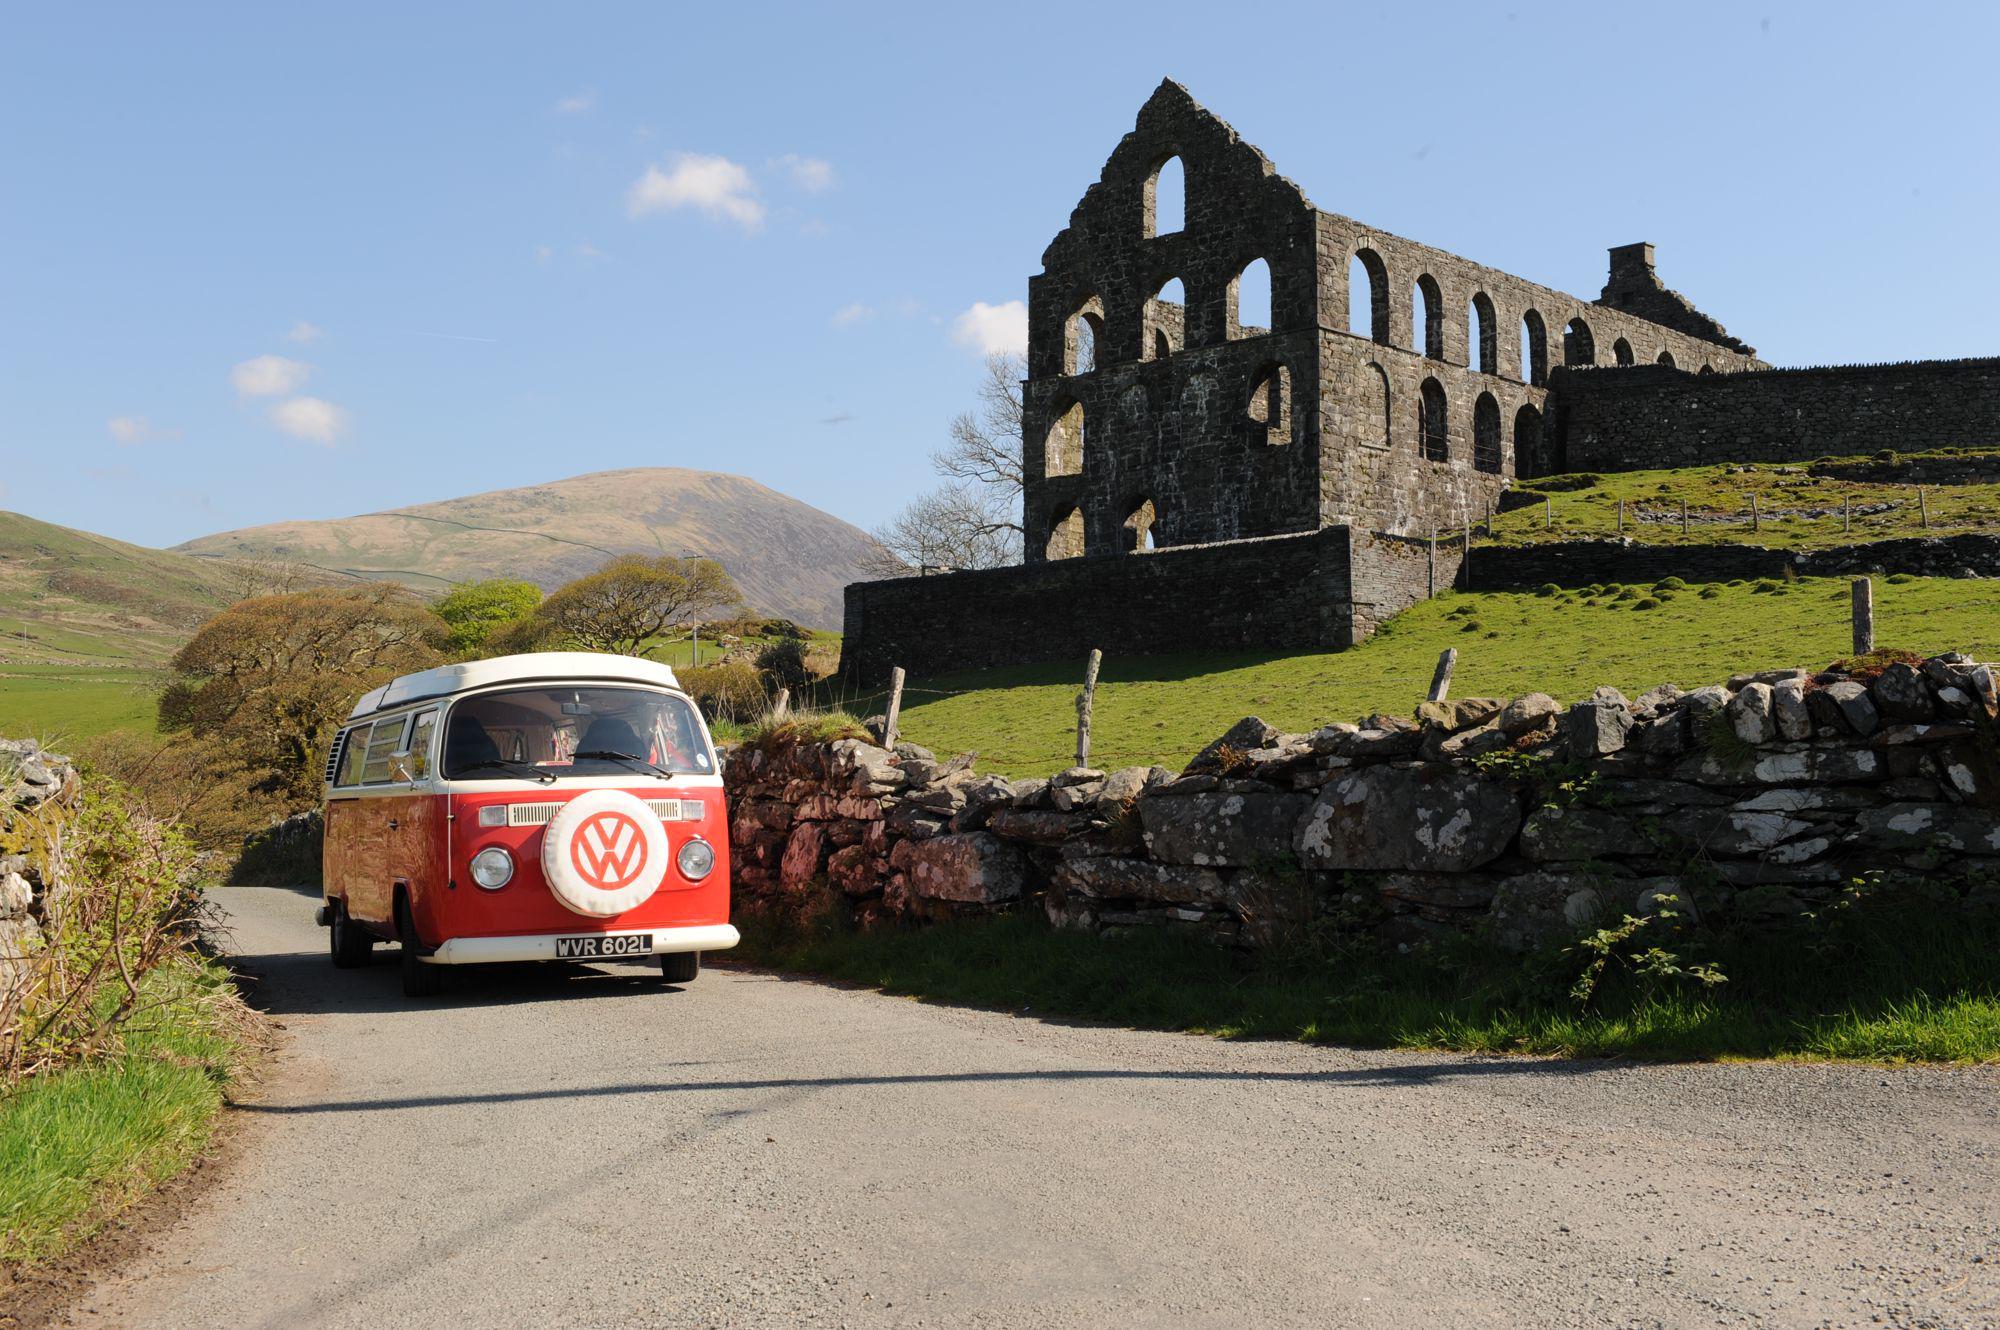 Campervan Hire in Wales   Campervan Rental Companies in Wales